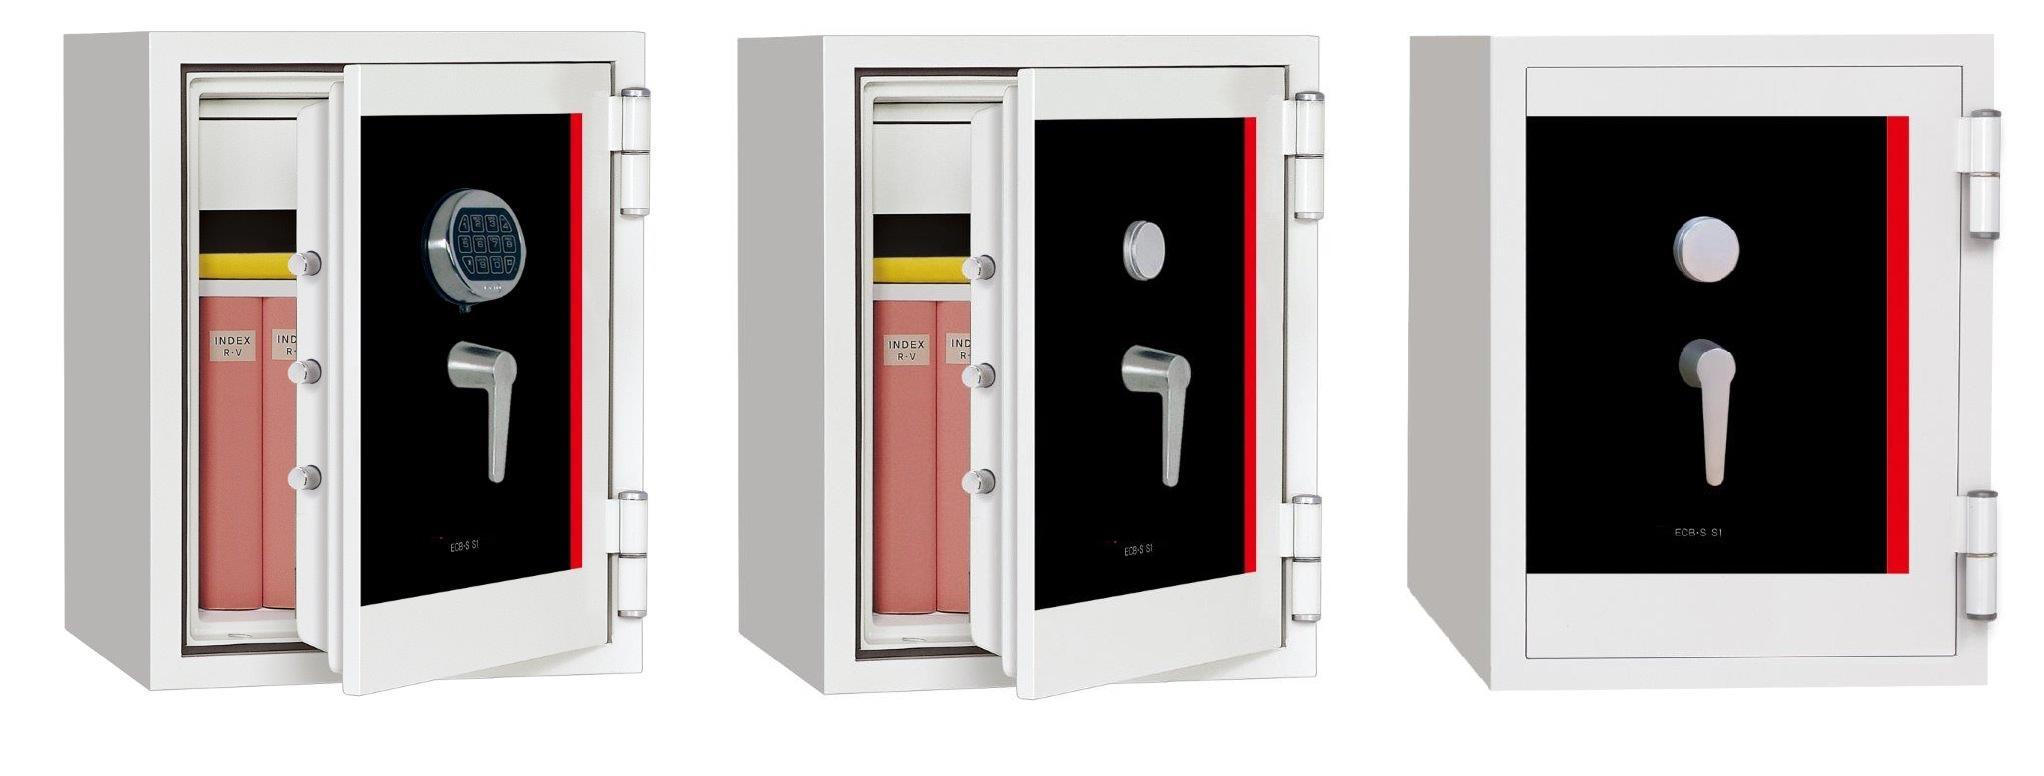 SS060 ECB.S EN14450 S1 sertifikalı yüksek güvenlikli çelik kasa